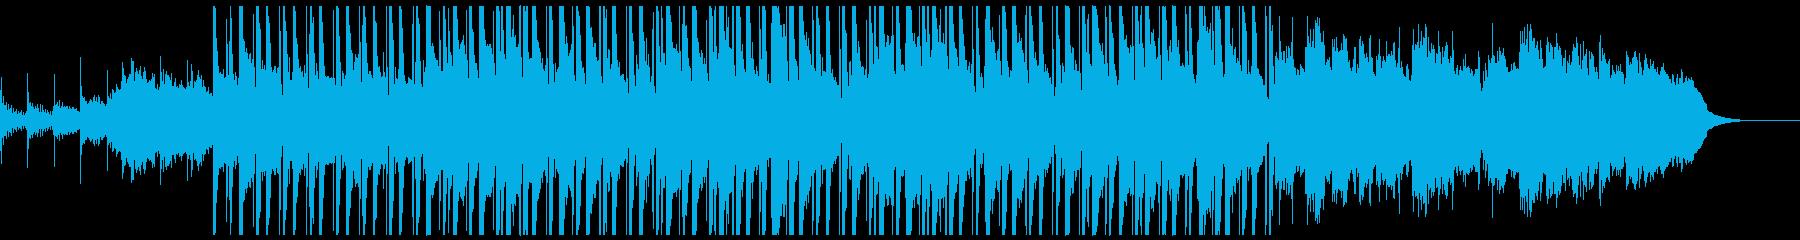 静かな夜のティータイムのlo-fiの再生済みの波形